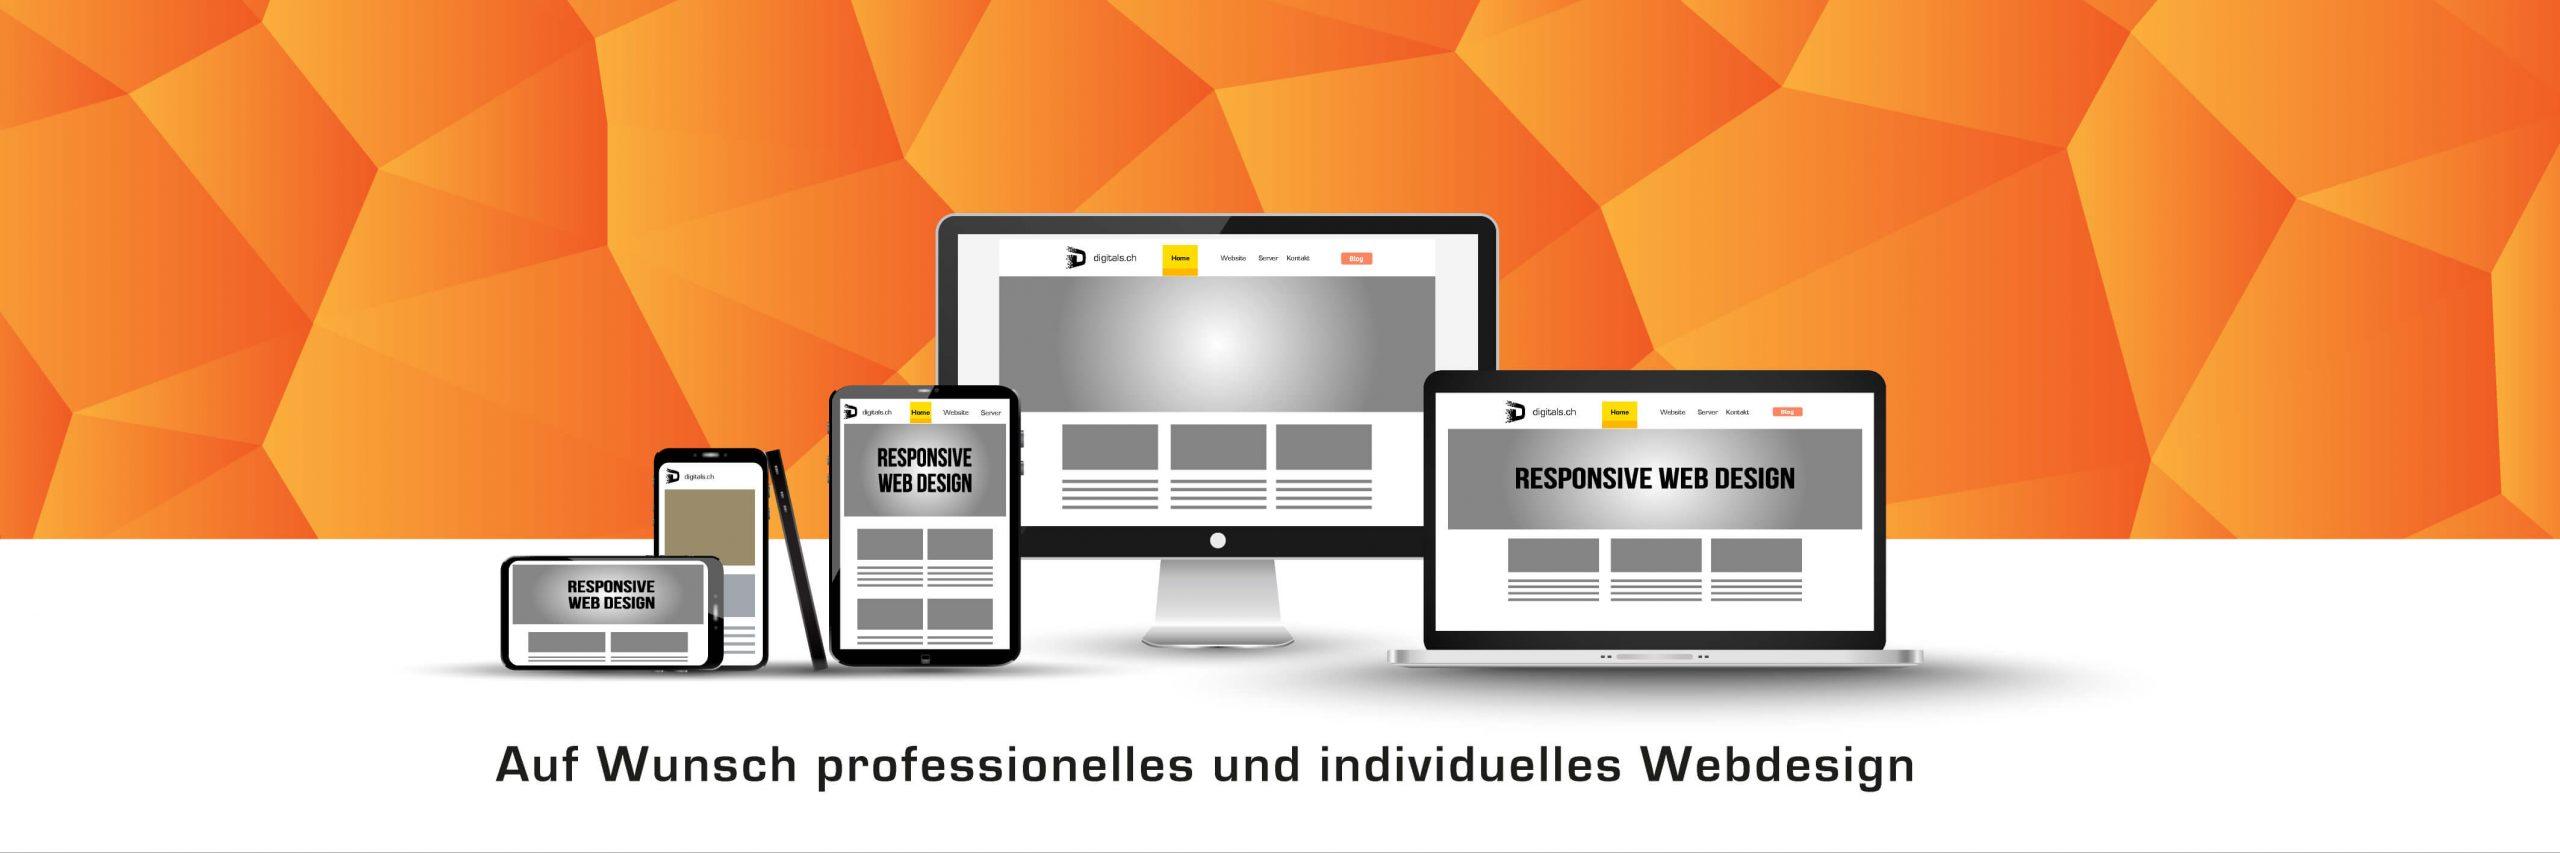 www.digitals.ch Webdesign